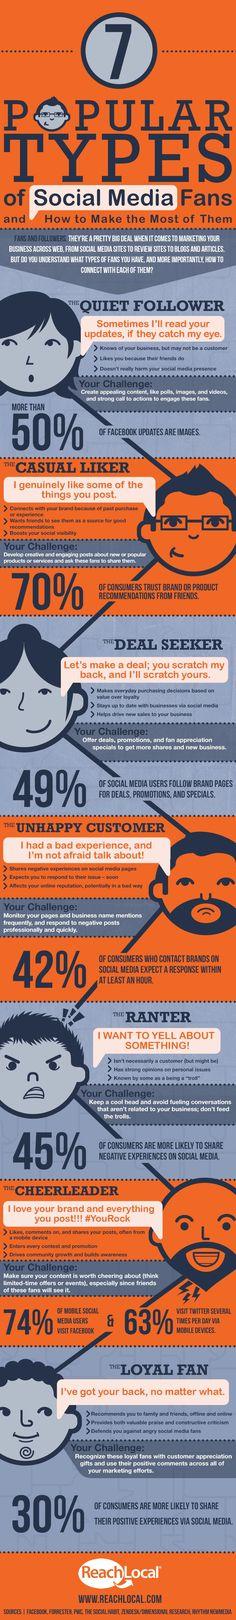 7 Popular Types of Social Media Fans [Infographic] - Pamorama | Social Media Marketing Blog